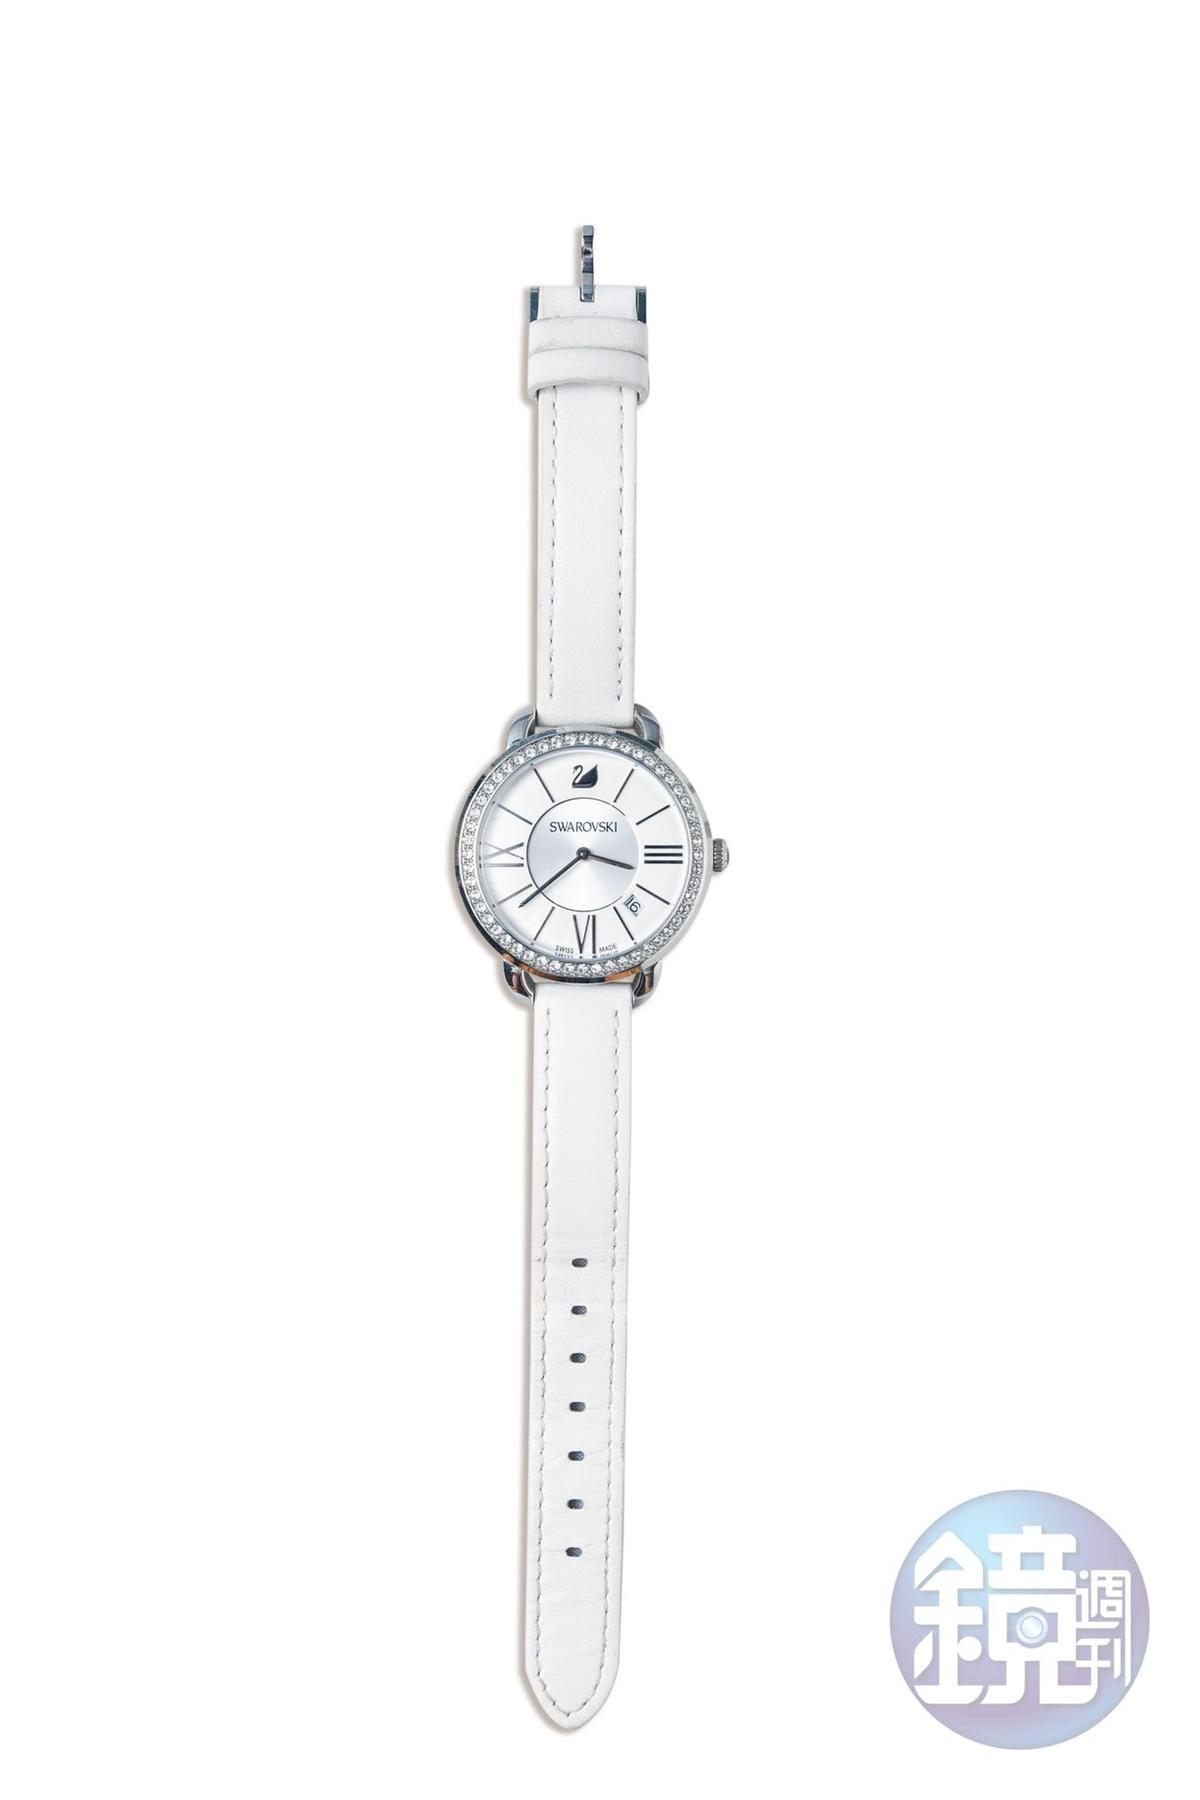 SWAROVSKI手錶。媽媽送的母親節禮物